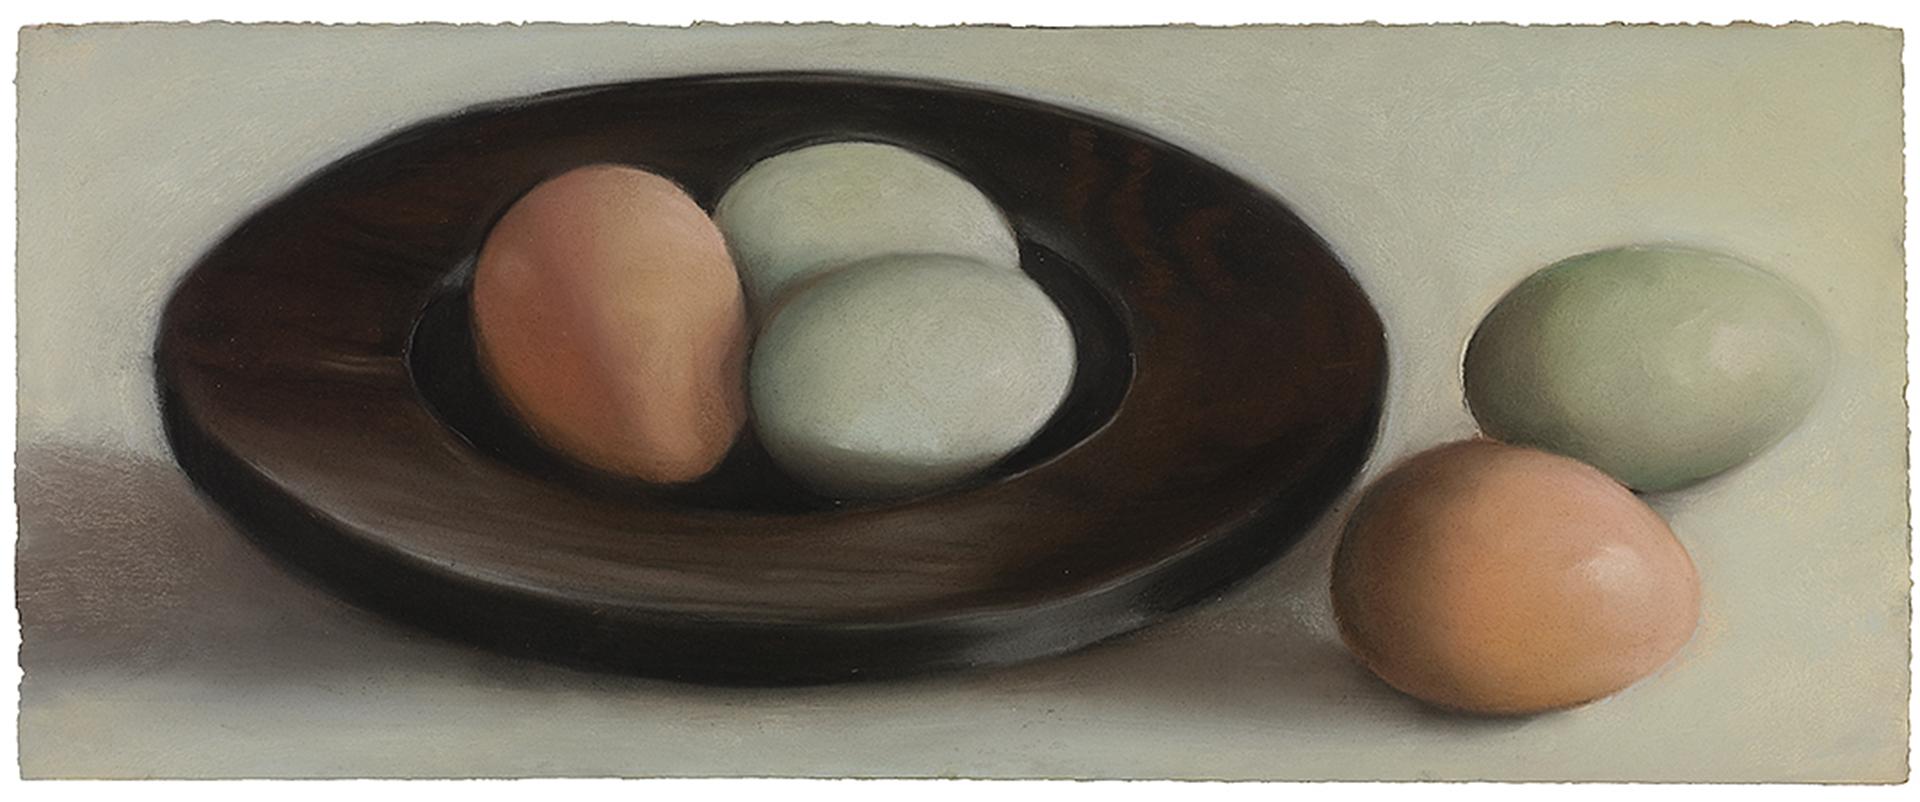 Eggs in Black Bowl